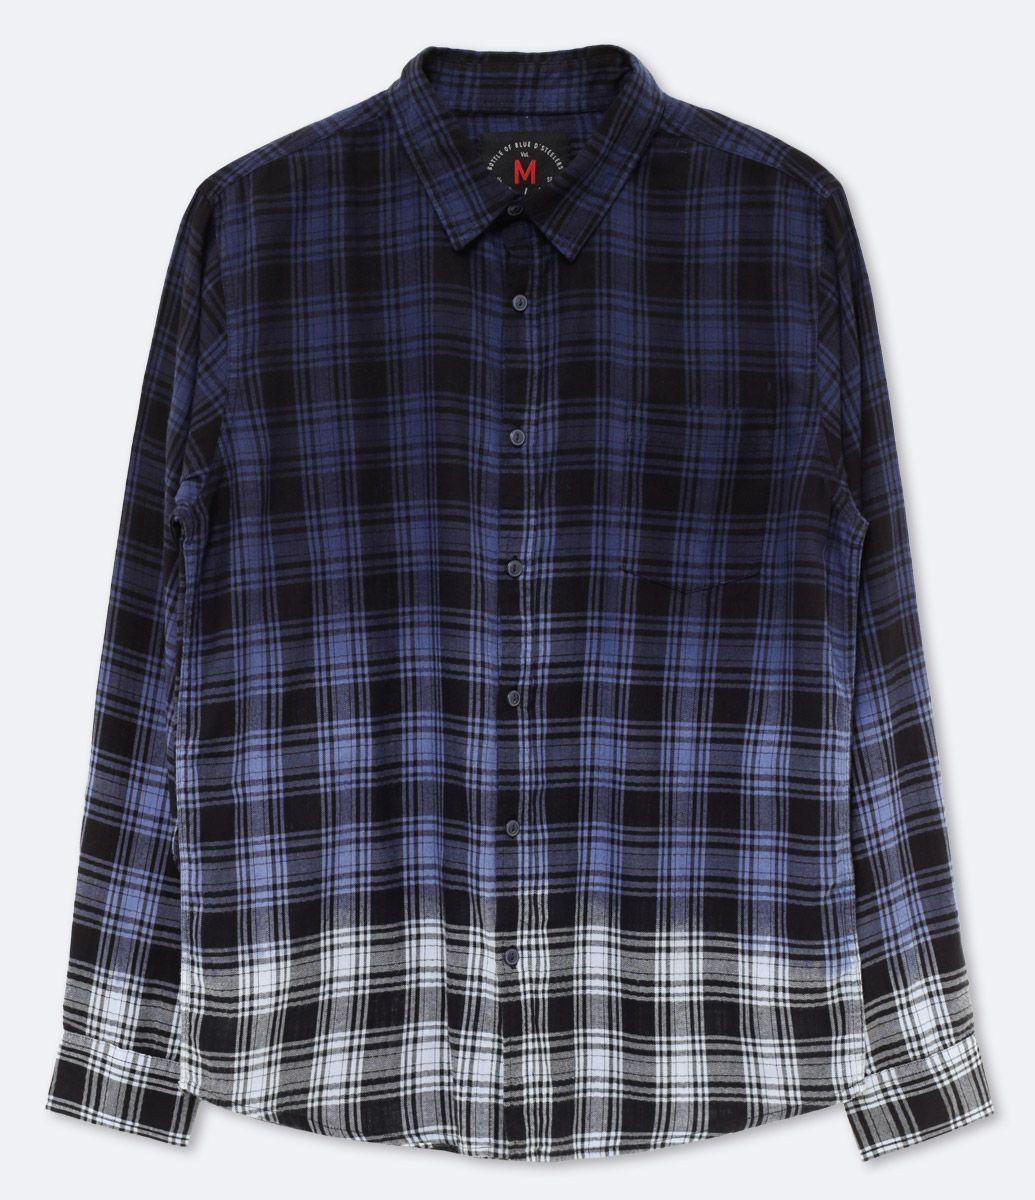 59cdf24455eb1 Camisa masculina Manga longa Em xadrez Degradê Marca  Blue Steel Tecido   tricoline Composição  100% algodão Modelo veste tamanho  M Veja outras  opções de ...